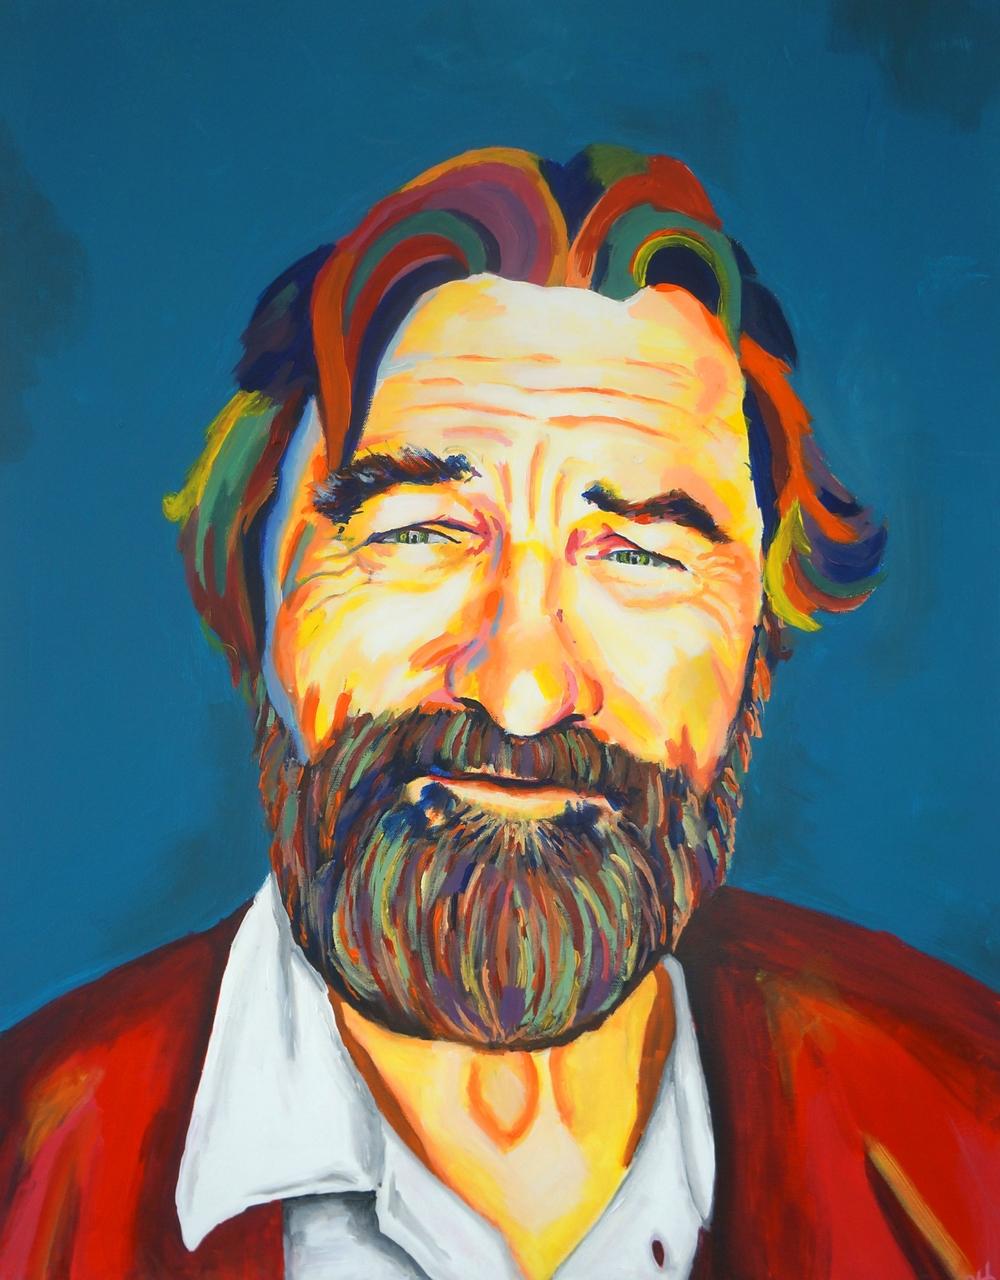 Robert De Niro (70 cm x 90 cm) - 7.000,- DKK